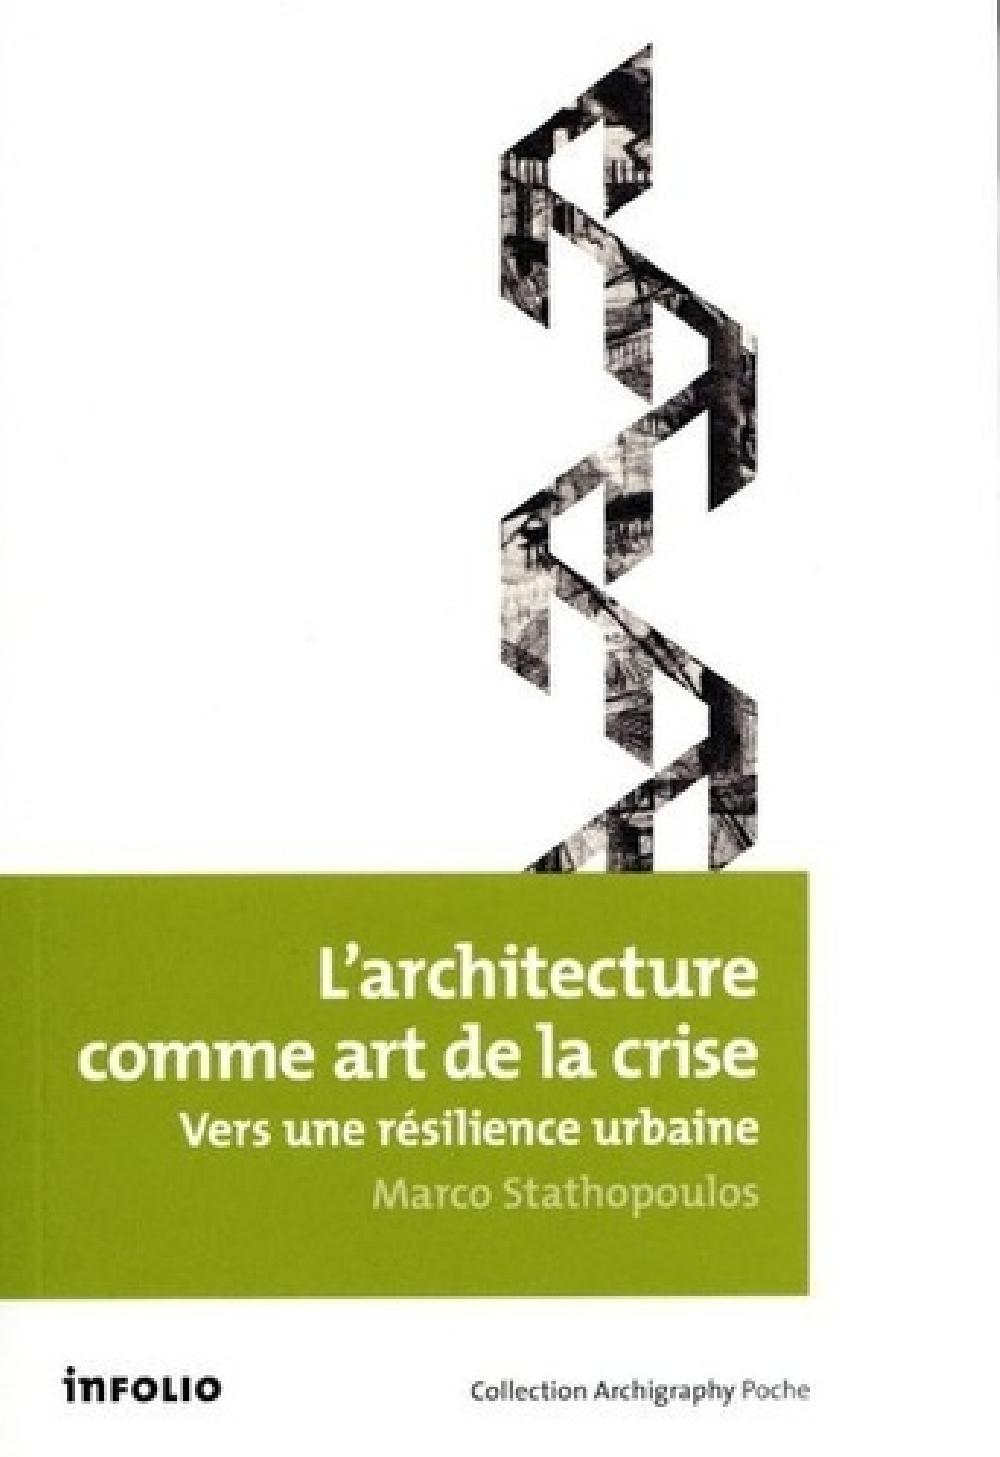 L'architecture comme art de la crise - Vers une résilience urbaine